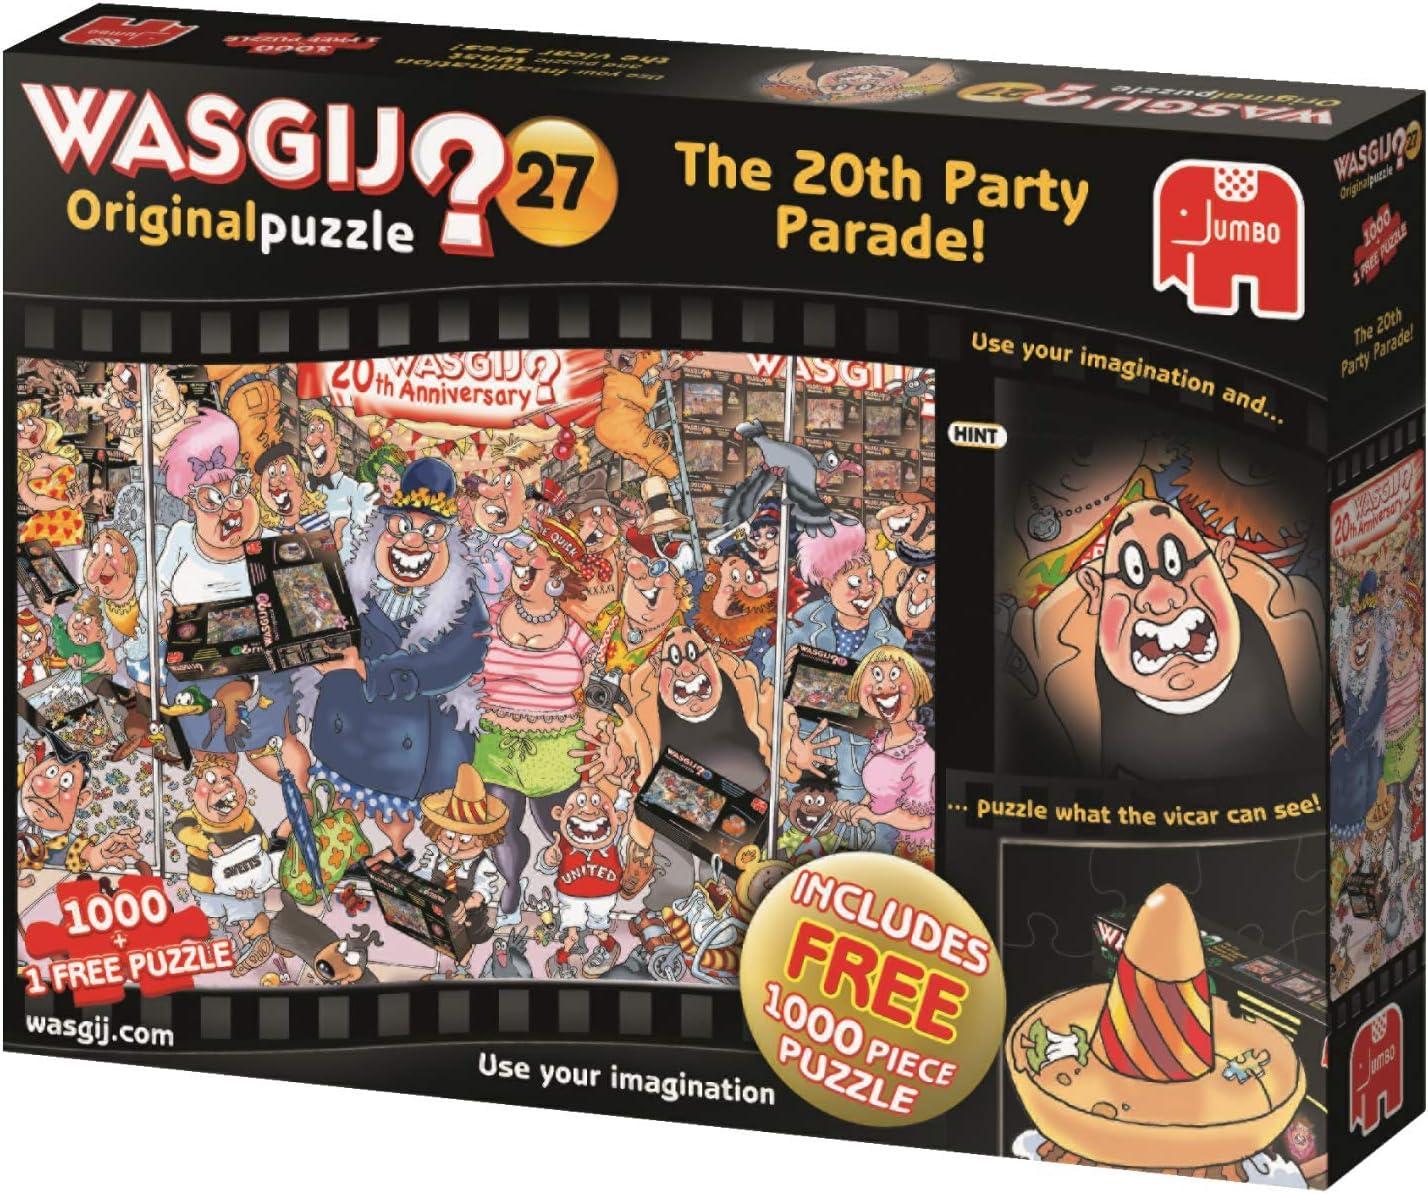 Jumbo Wasgij Original 27: The 20th Party Parade! 2 x 1000 pcs Puzzle - Rompecabezas (Puzzle Rompecabezas, Arte, Adultos, Wasgij, Hombre/Mujer, 12 año(s)): Jumbo: Amazon.es: Juguetes y juegos